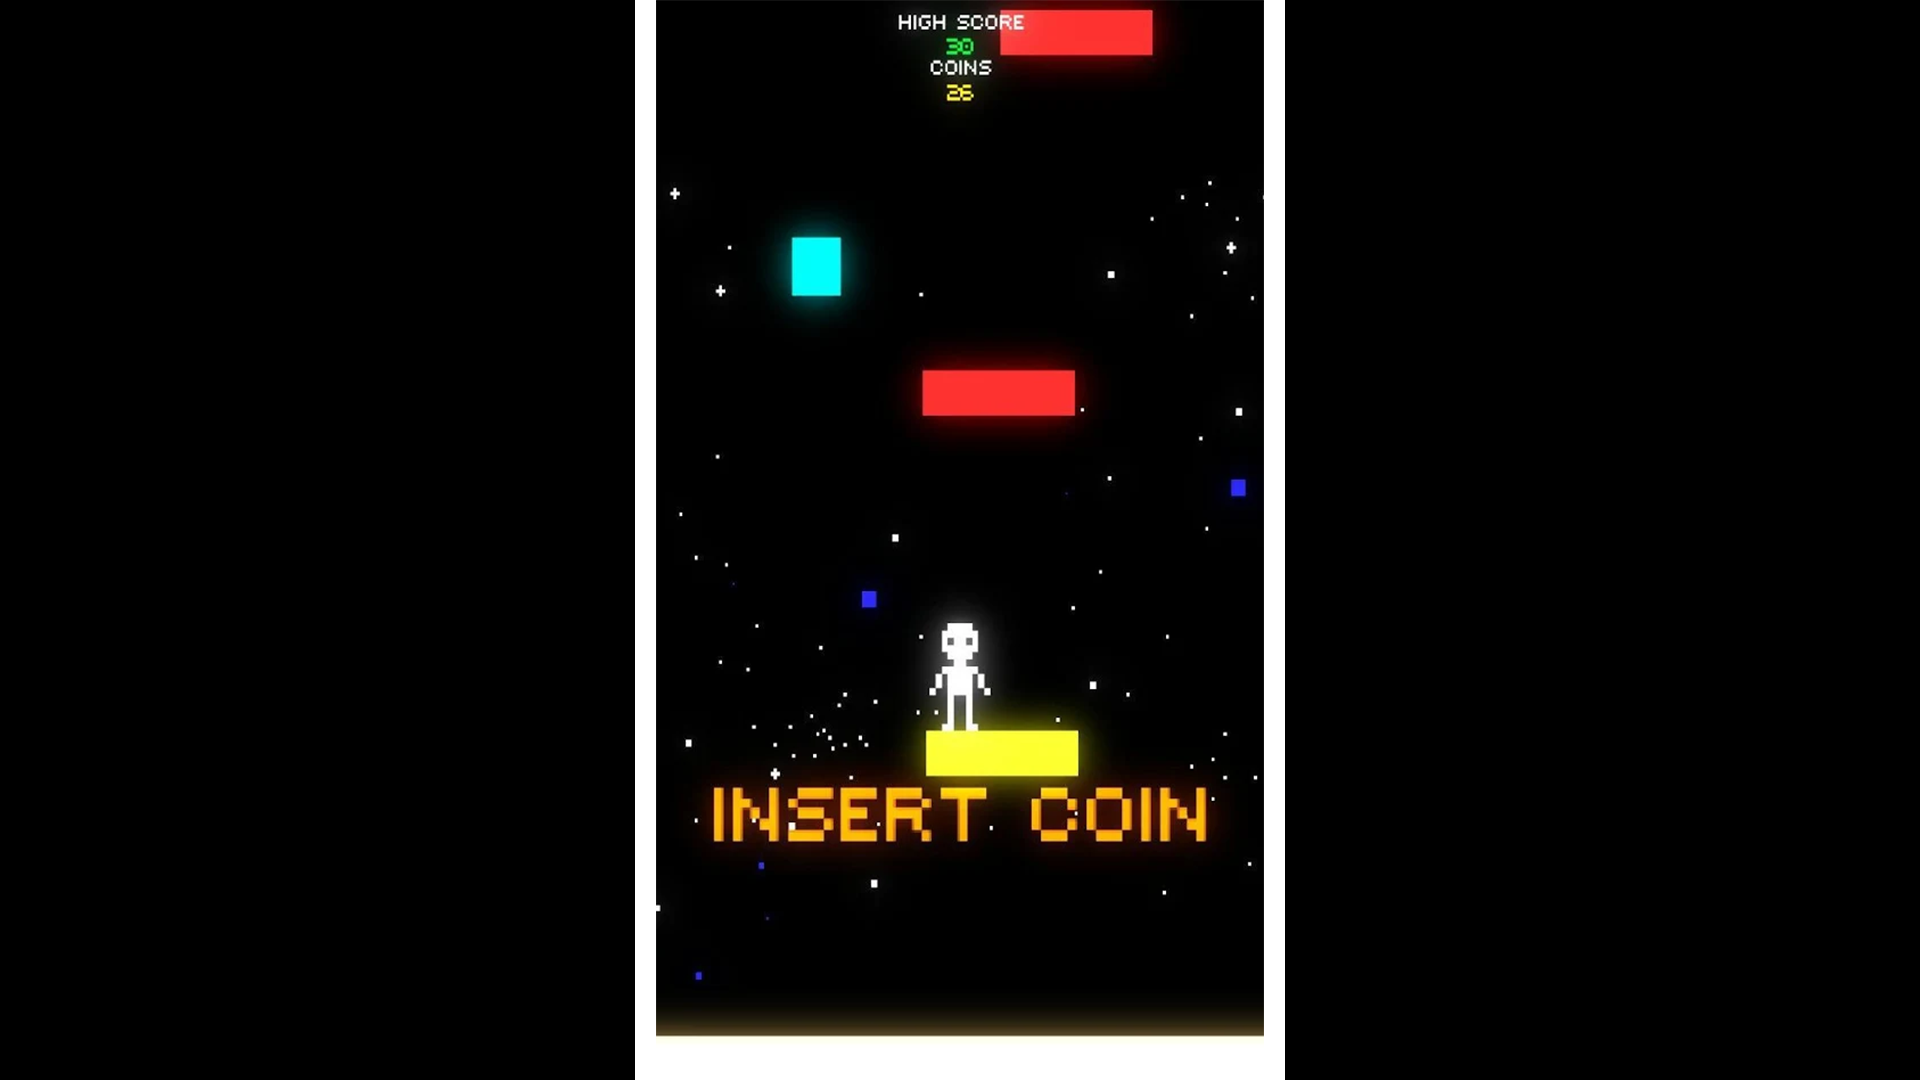 JumpJumpzWideScreenshot1